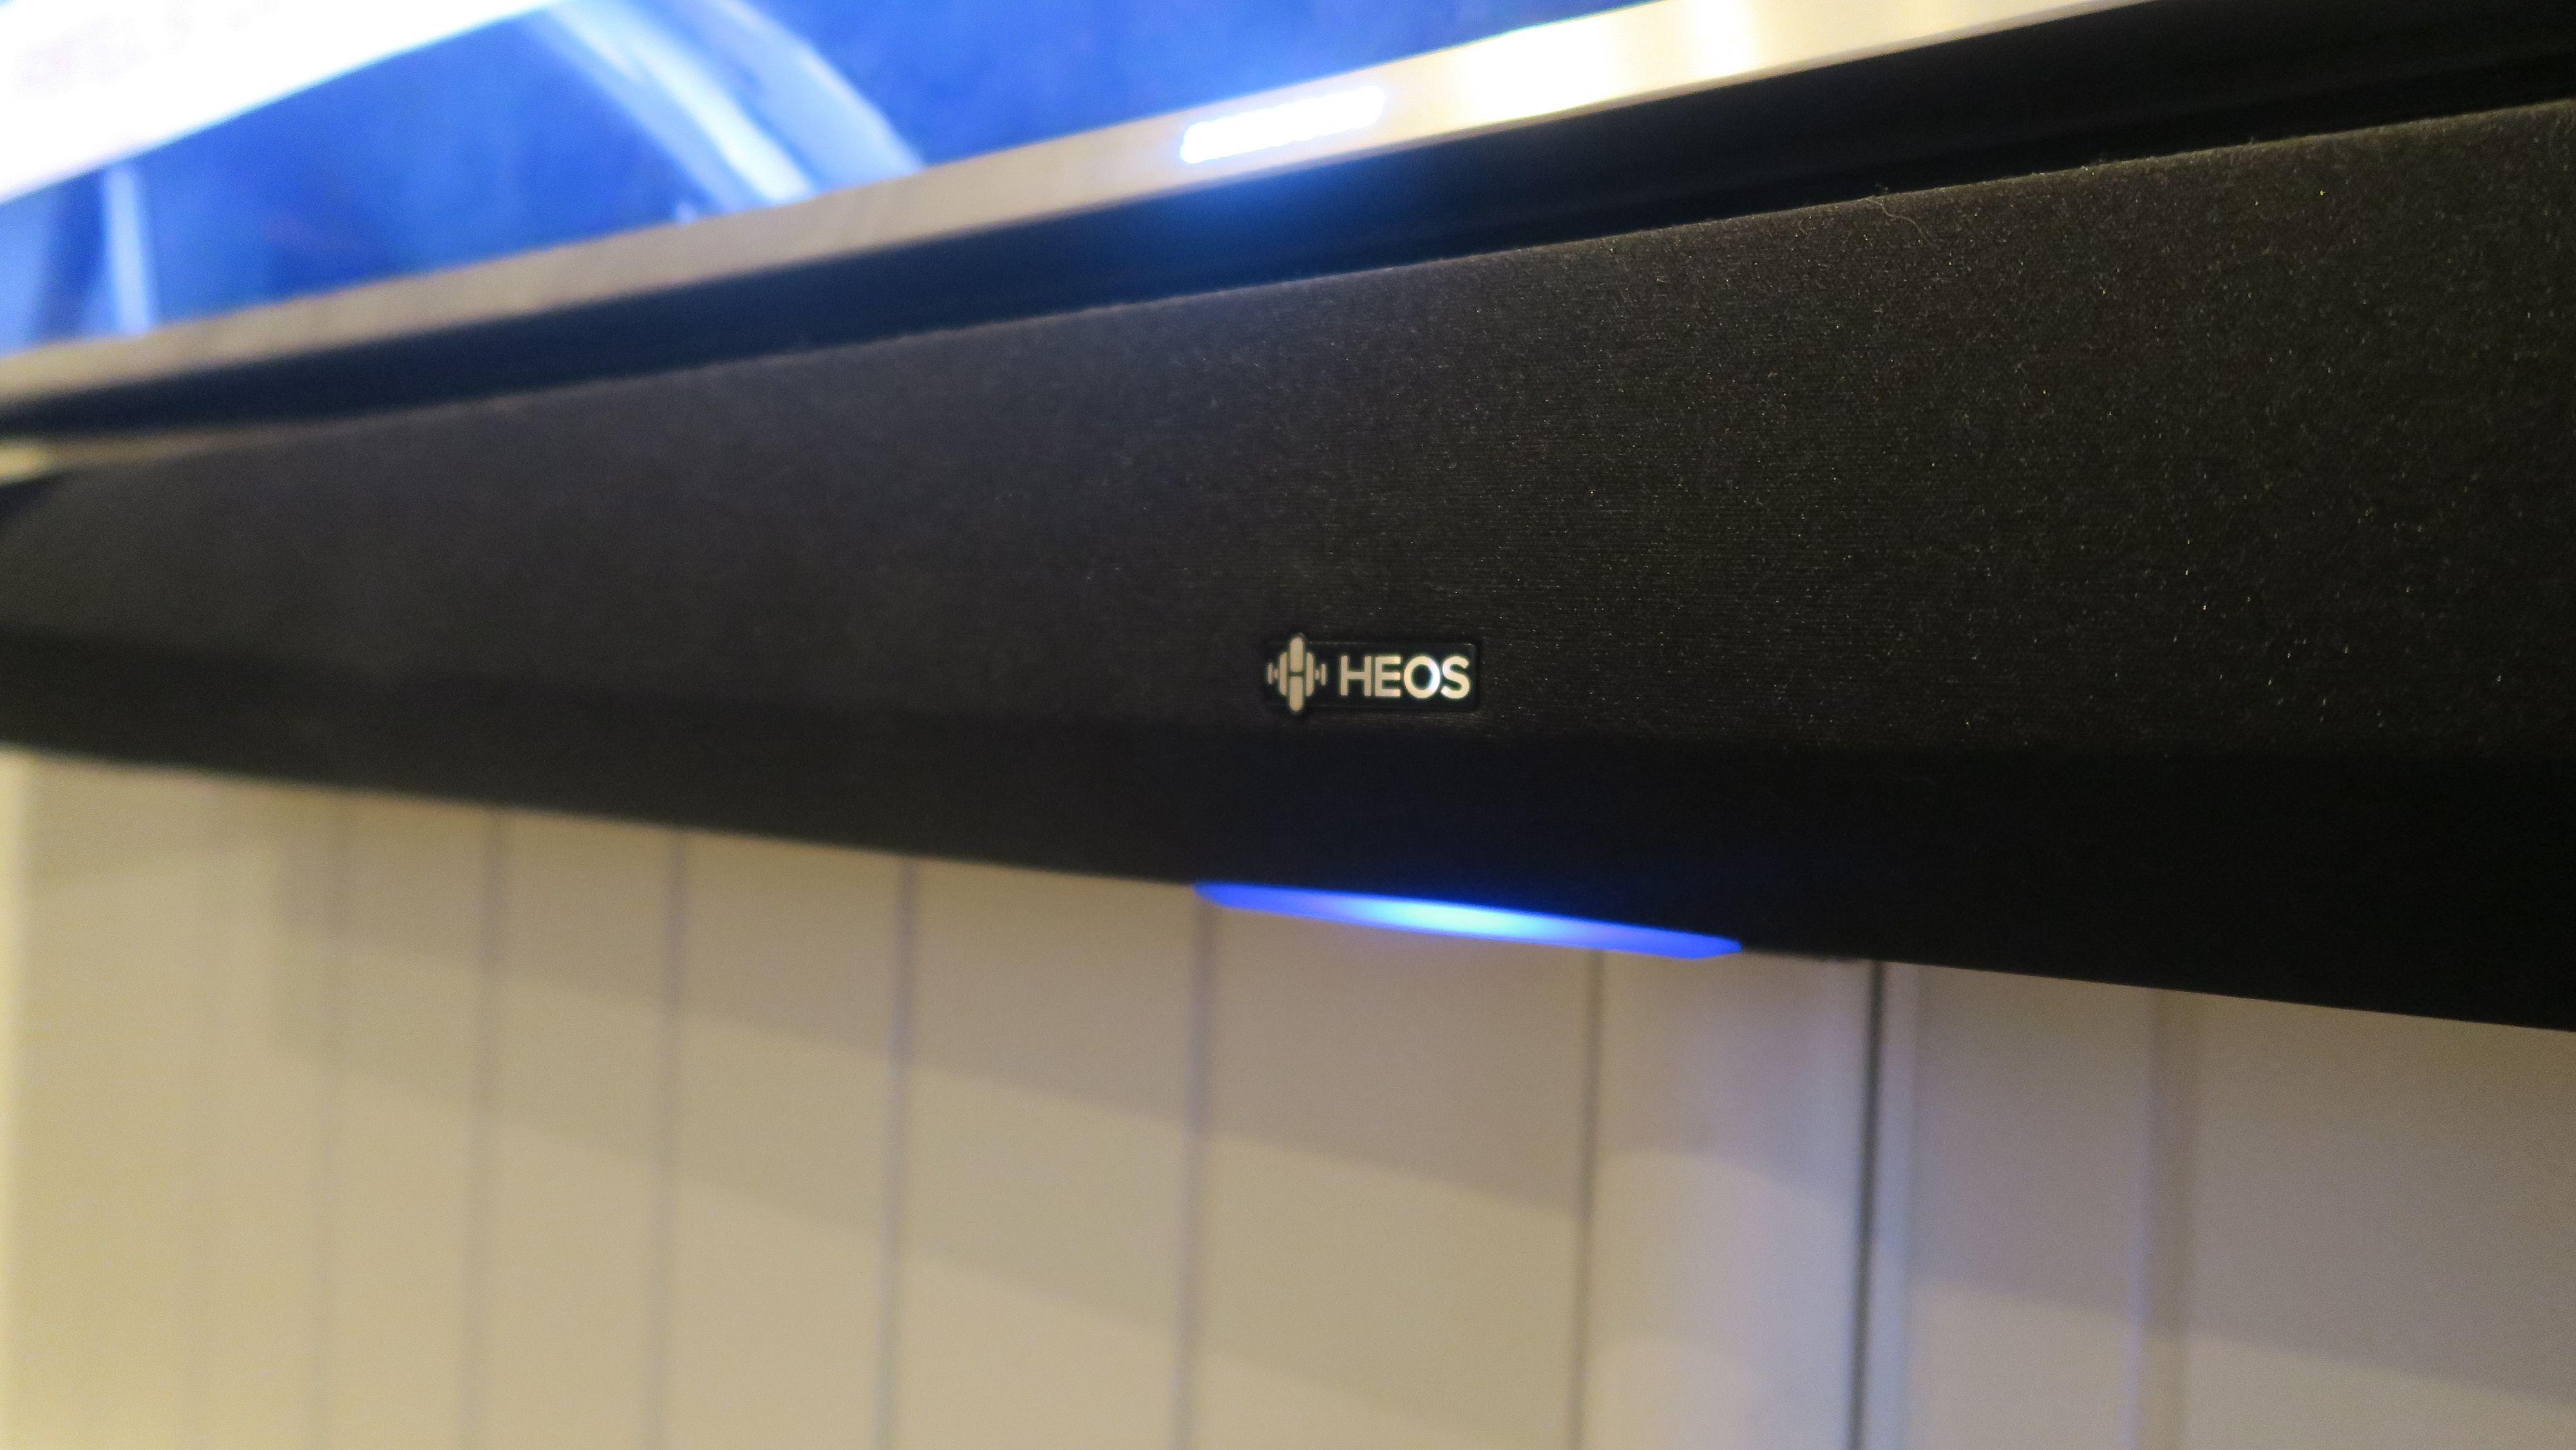 Den blå dioden avslører at enheten er tilkoblet nettverket ditt. Foto: Ole Henrik Johansen / Tek.no